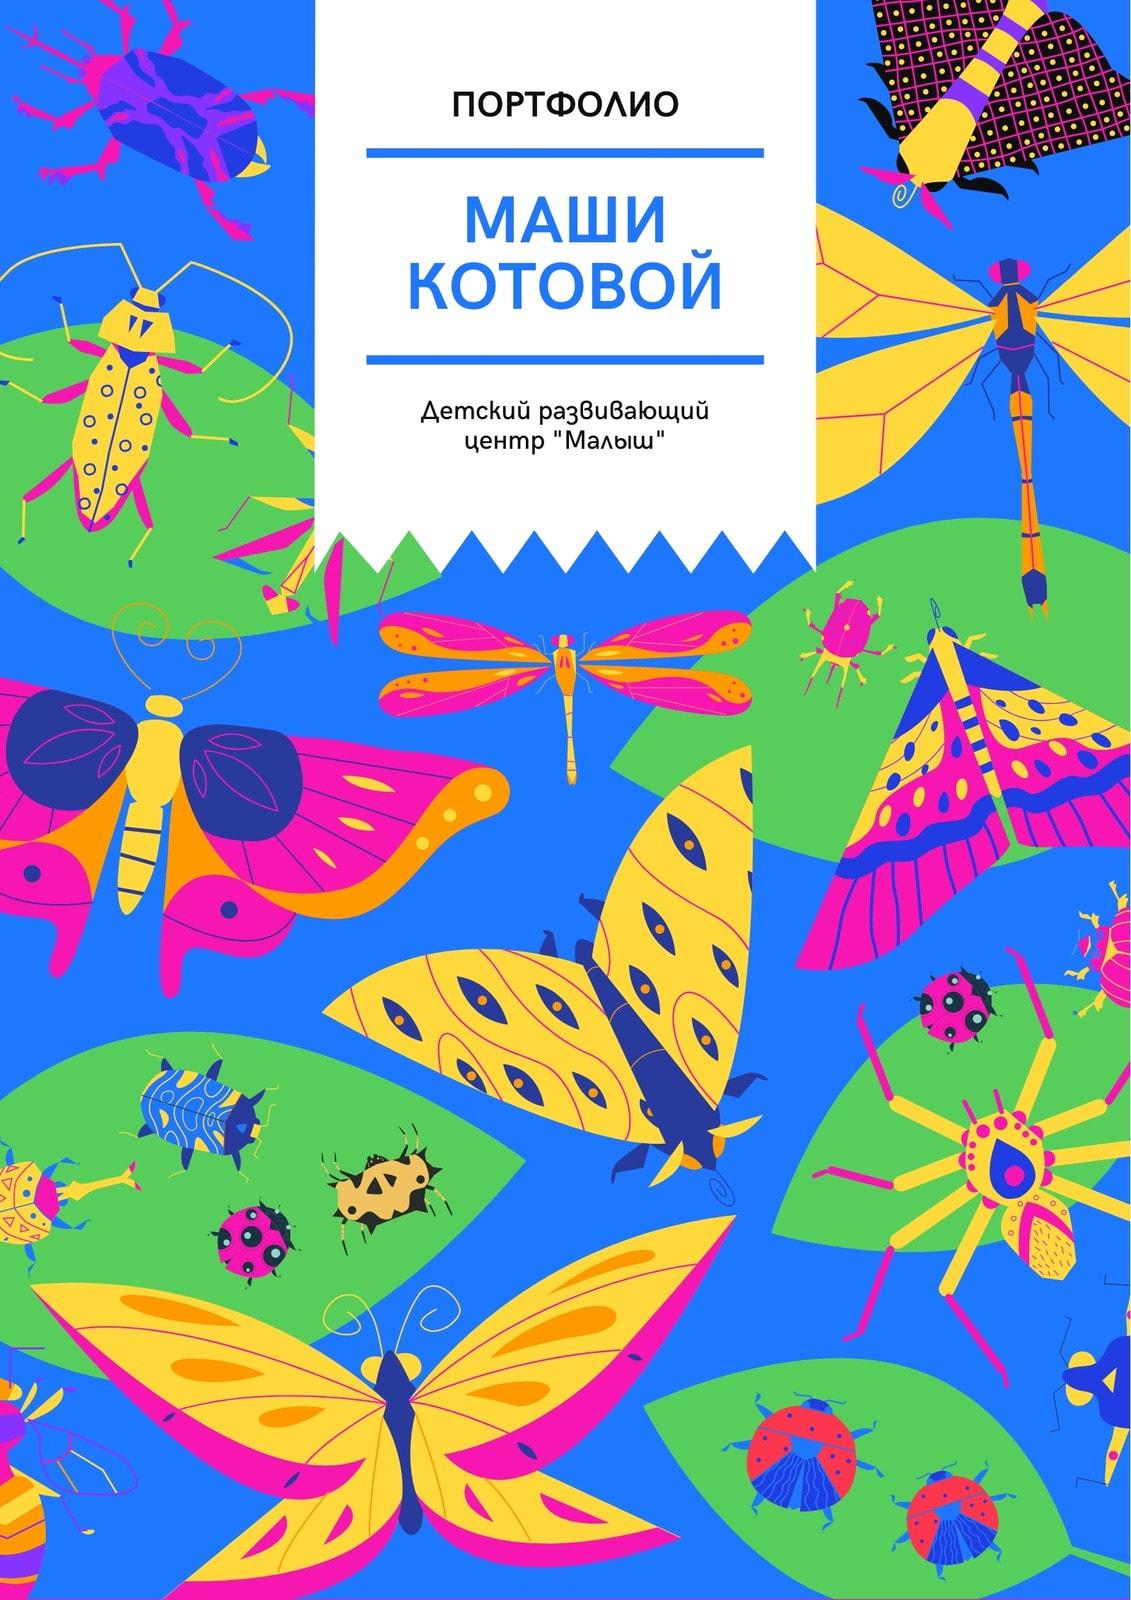 Цветное портфолио дошкольника с рисунками насекомых